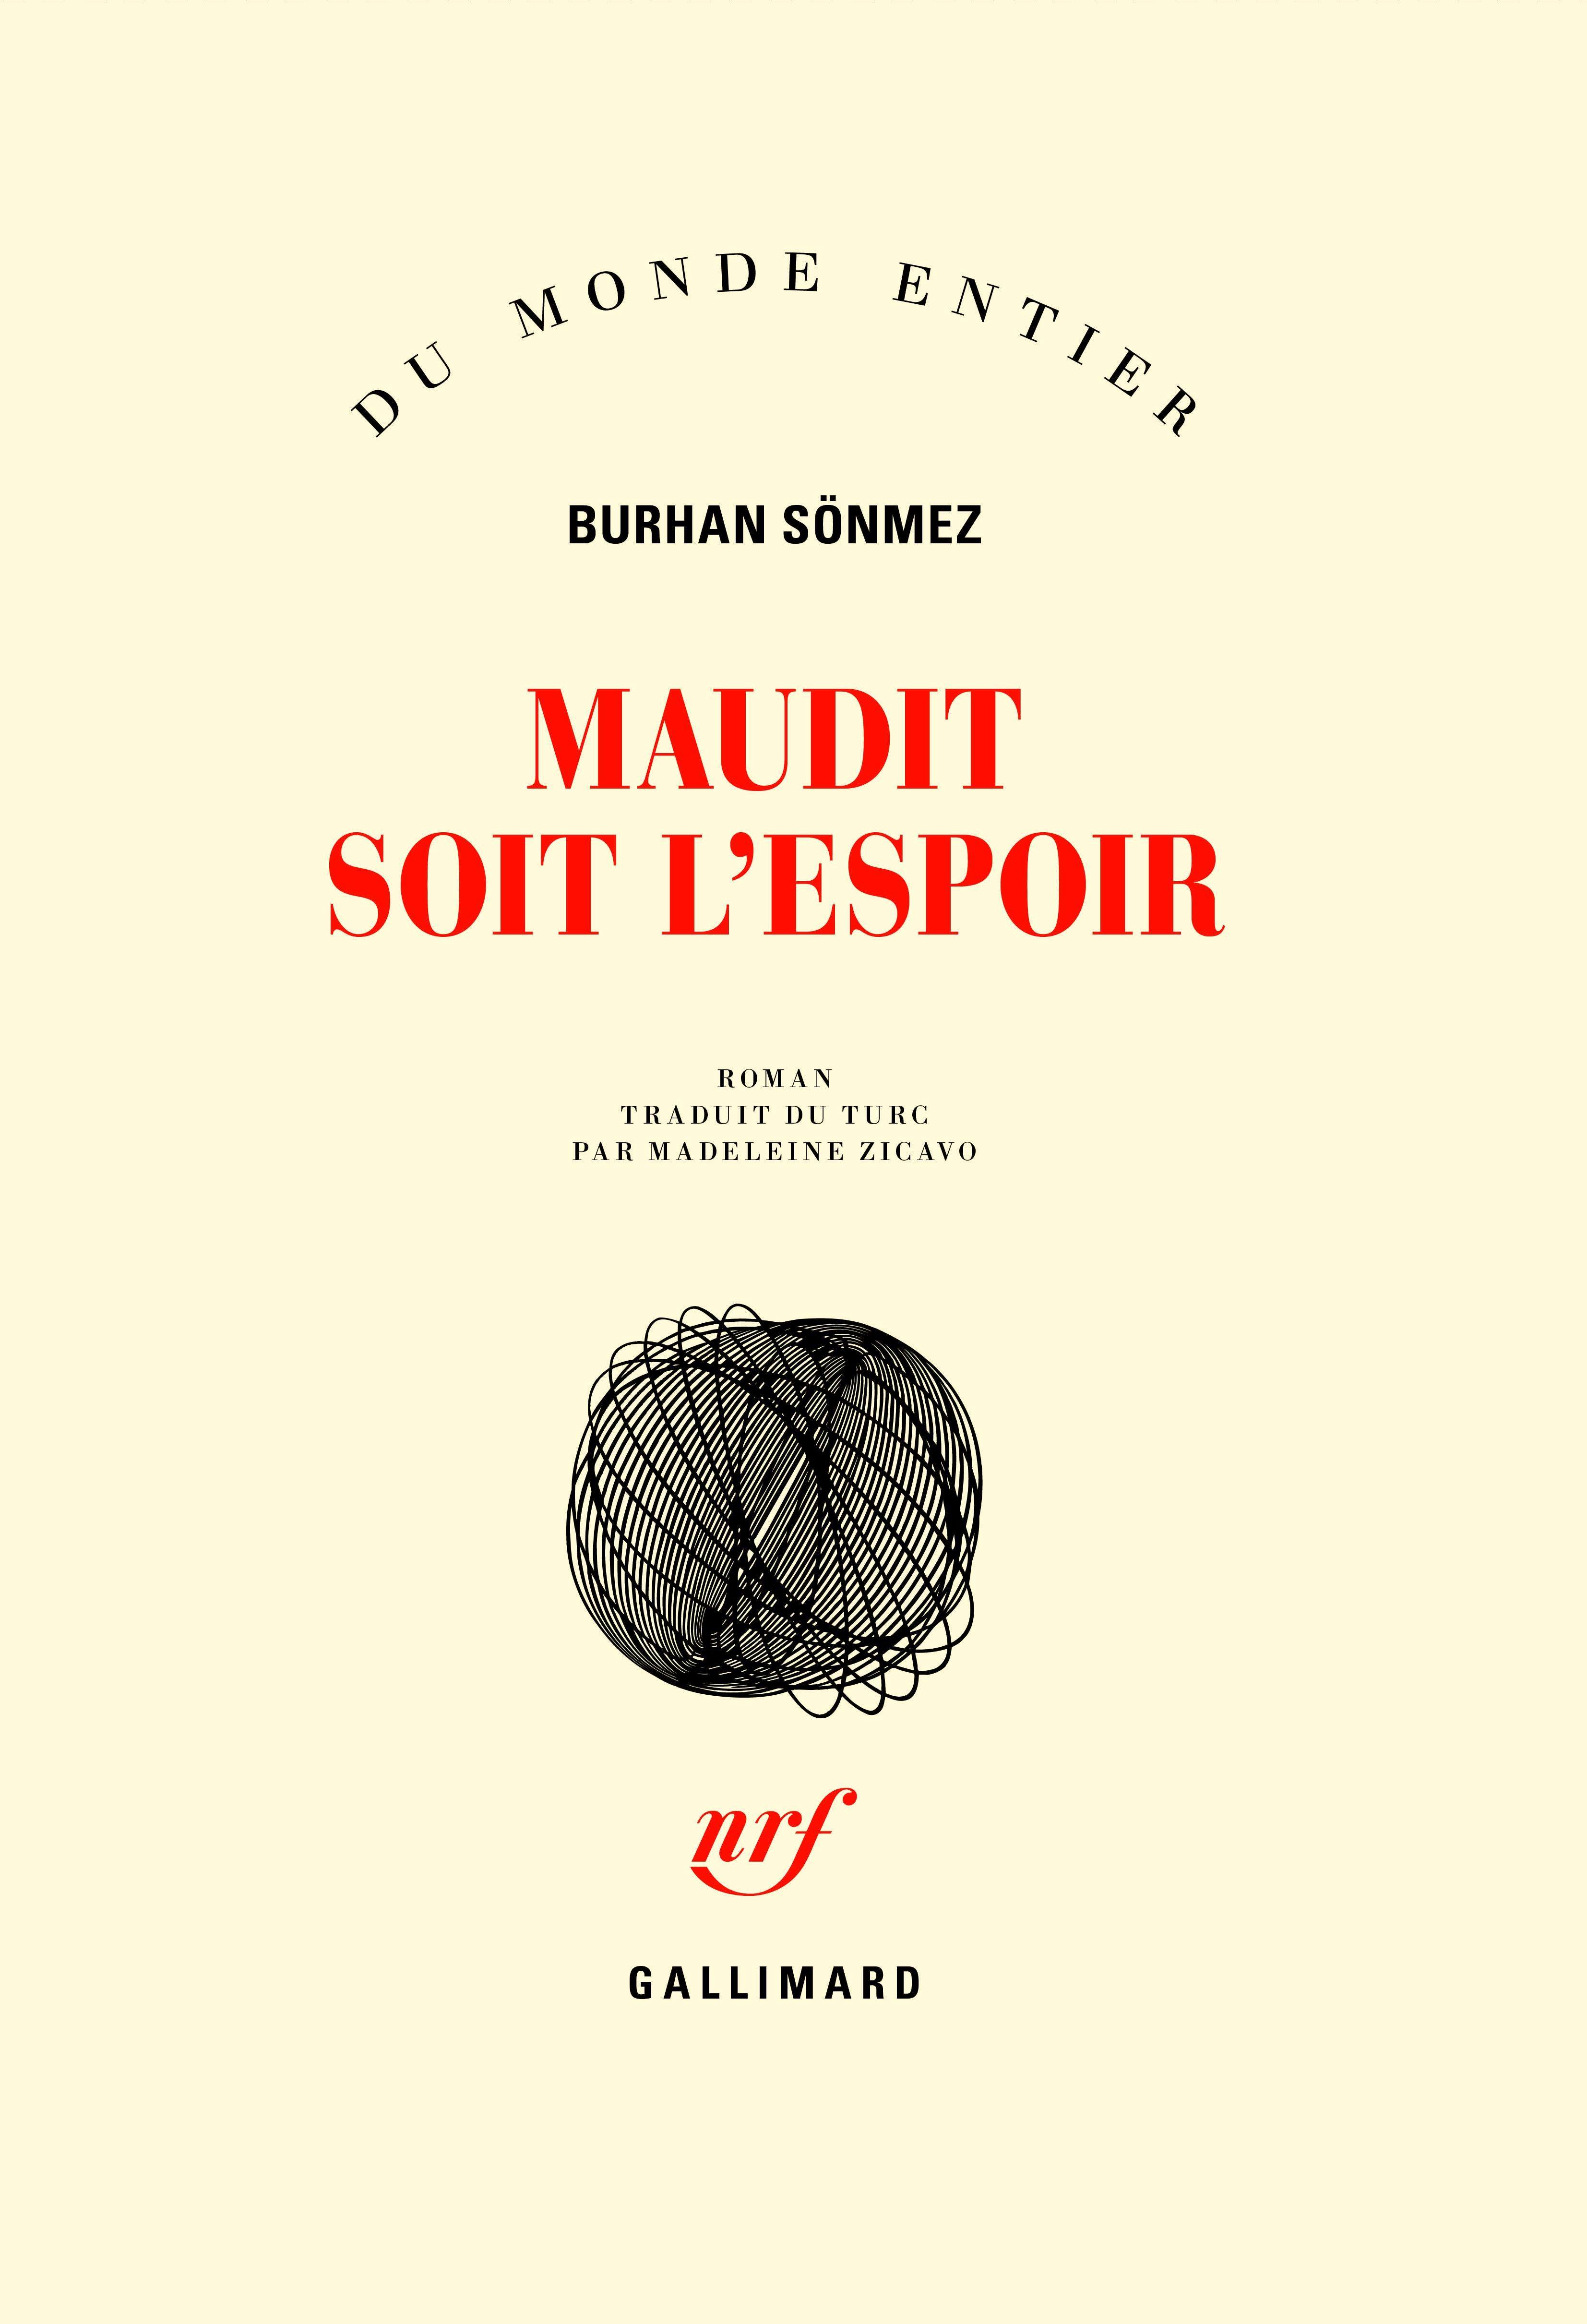 MAUDIT SOIT L'ESPOIR